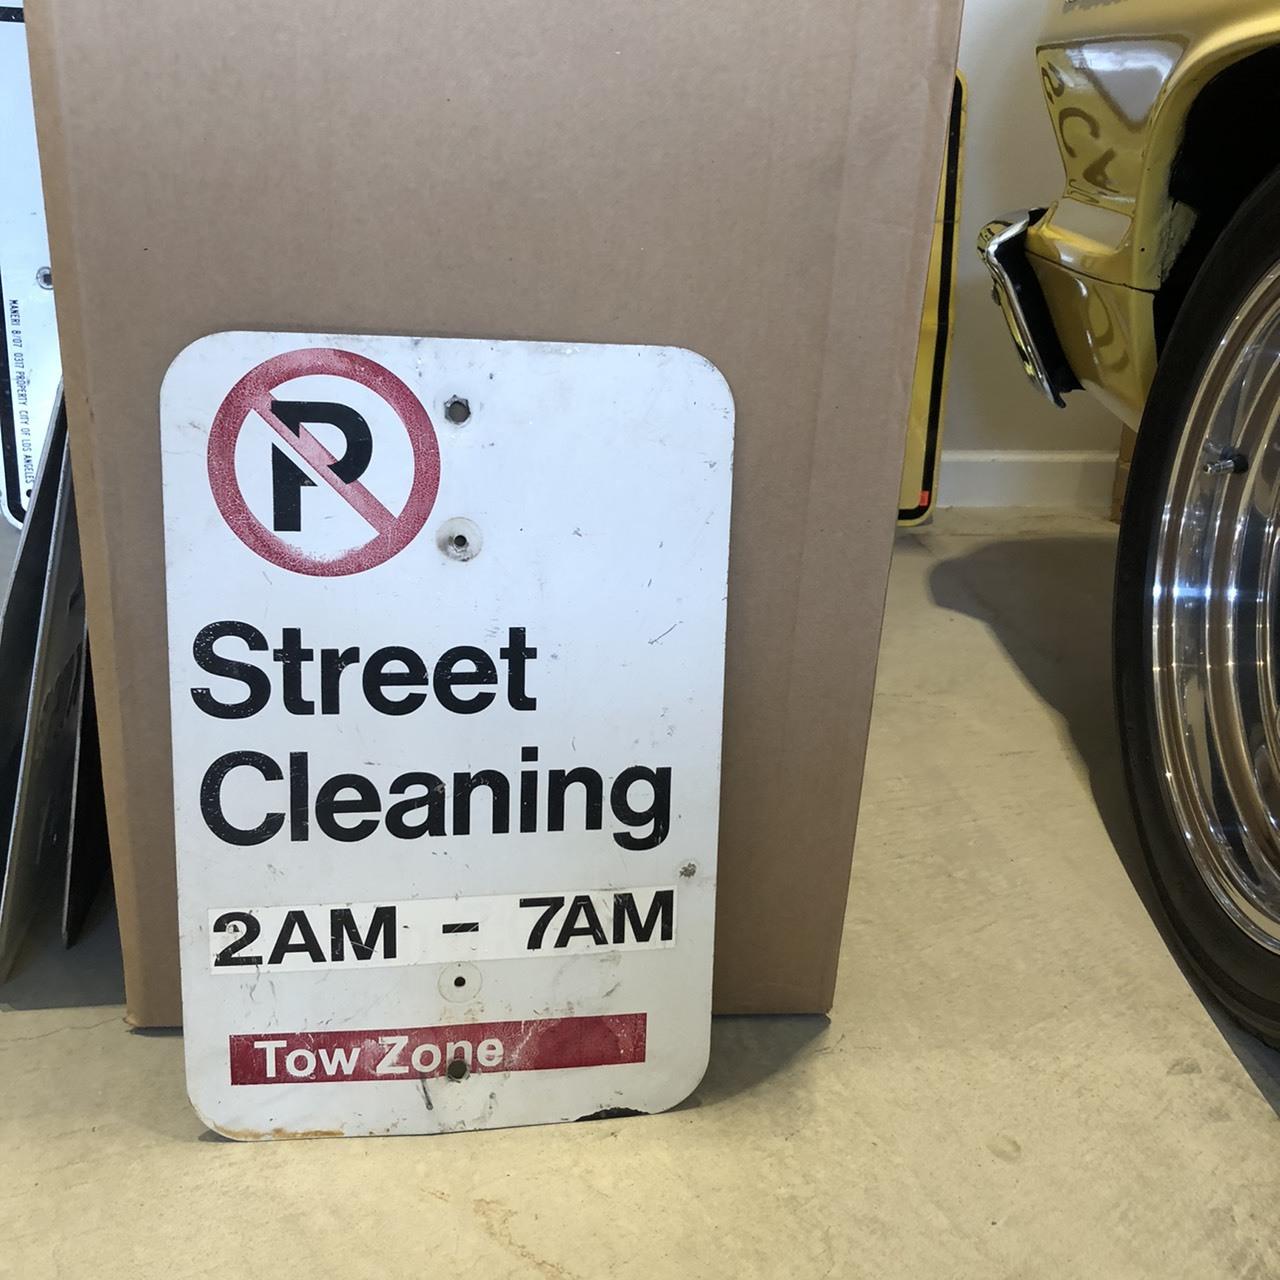 Street Cleaning アメリカンロードサイン トラフィックサイン 道路標識